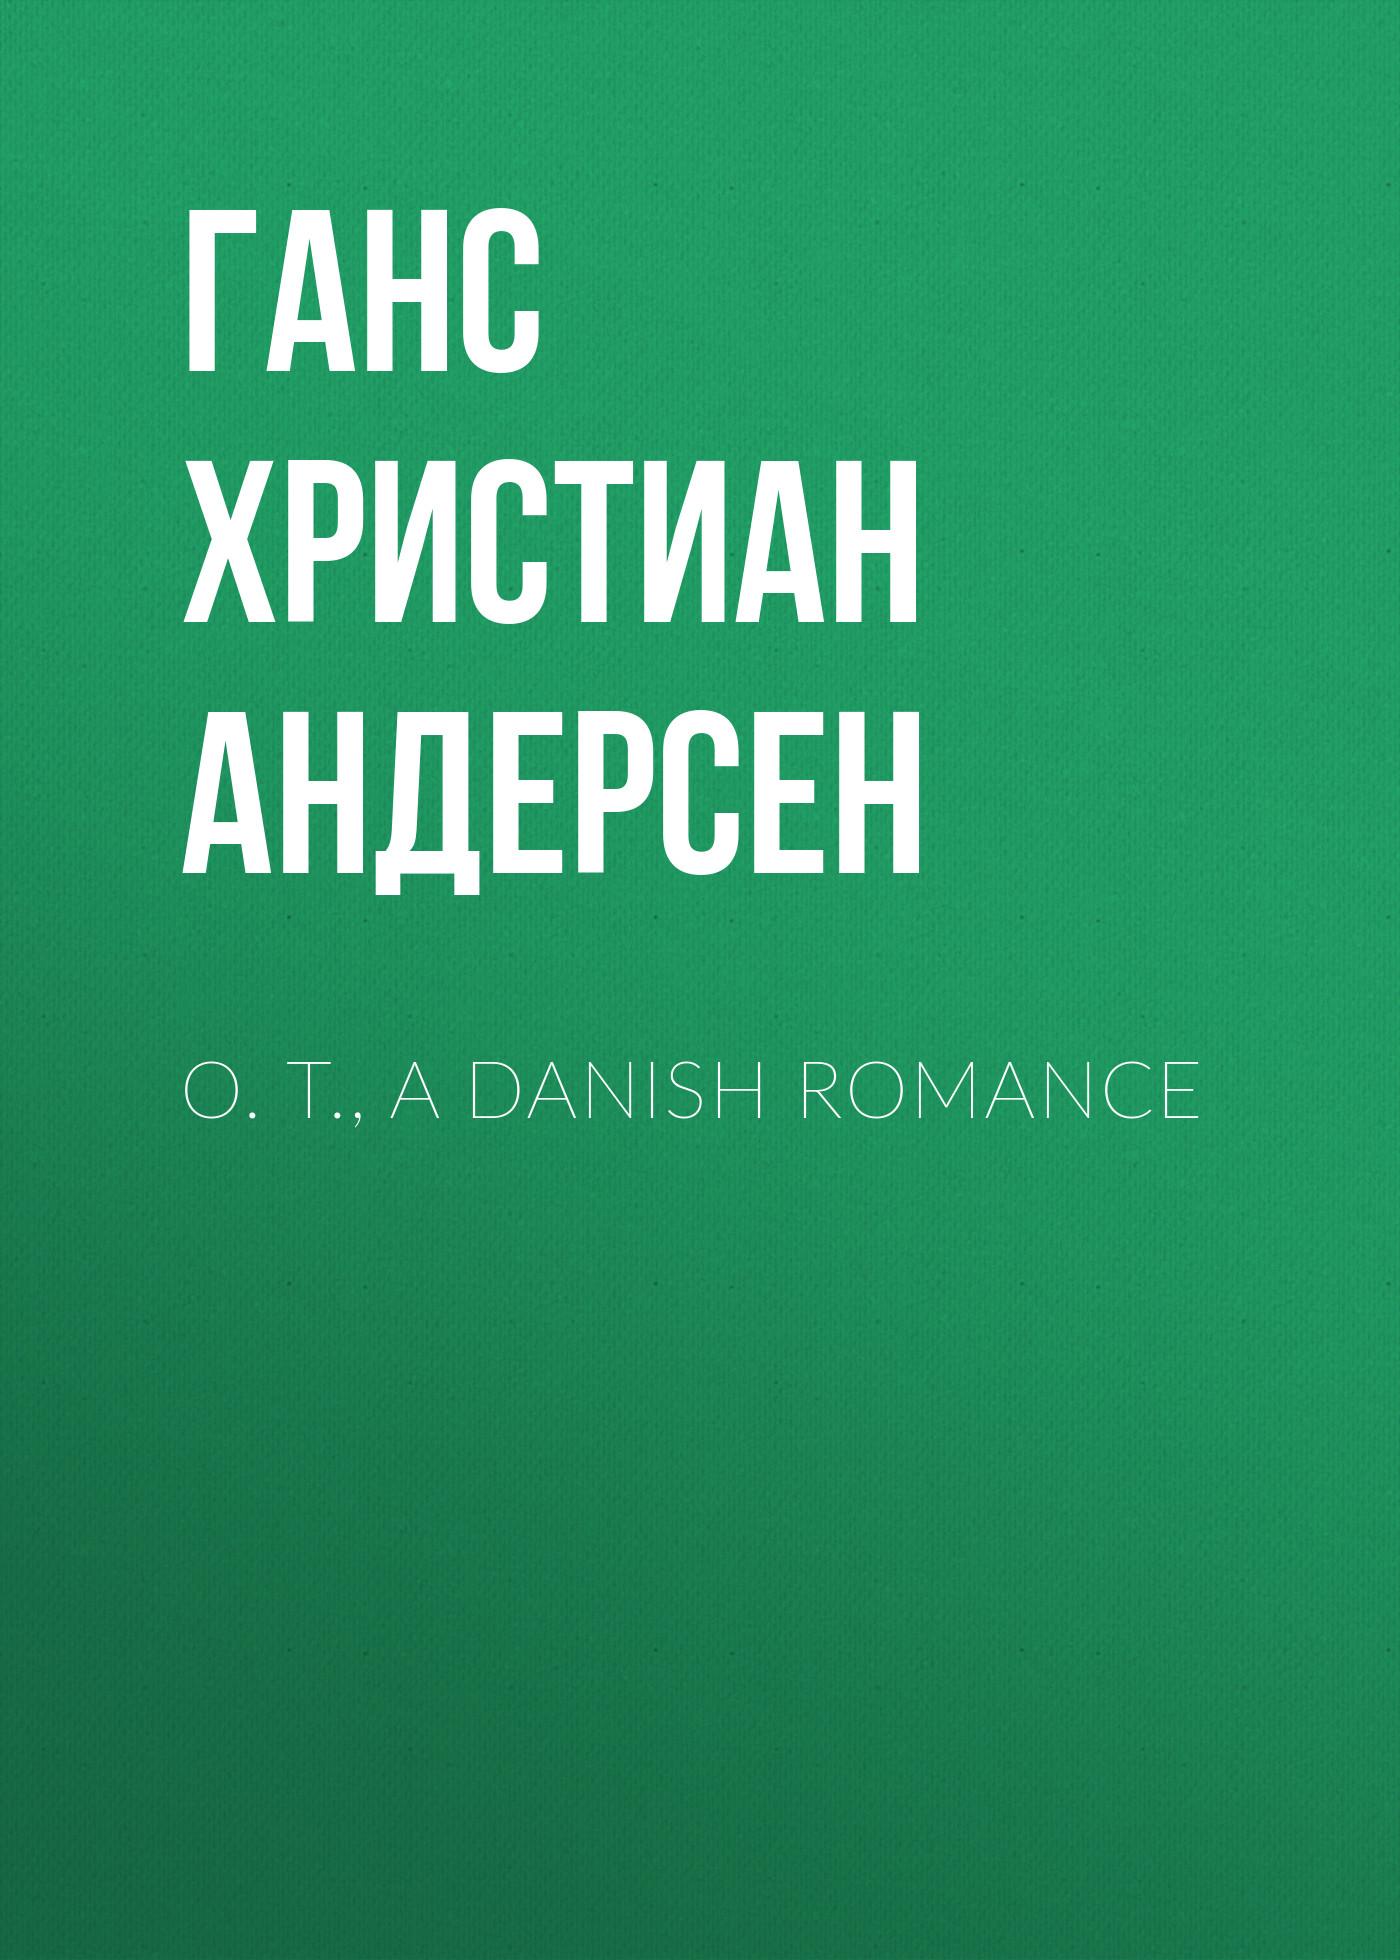 Ганс Христиан Андерсен O. T., A Danish Romance ганс христиан андерсен contes merveilleux tome ii